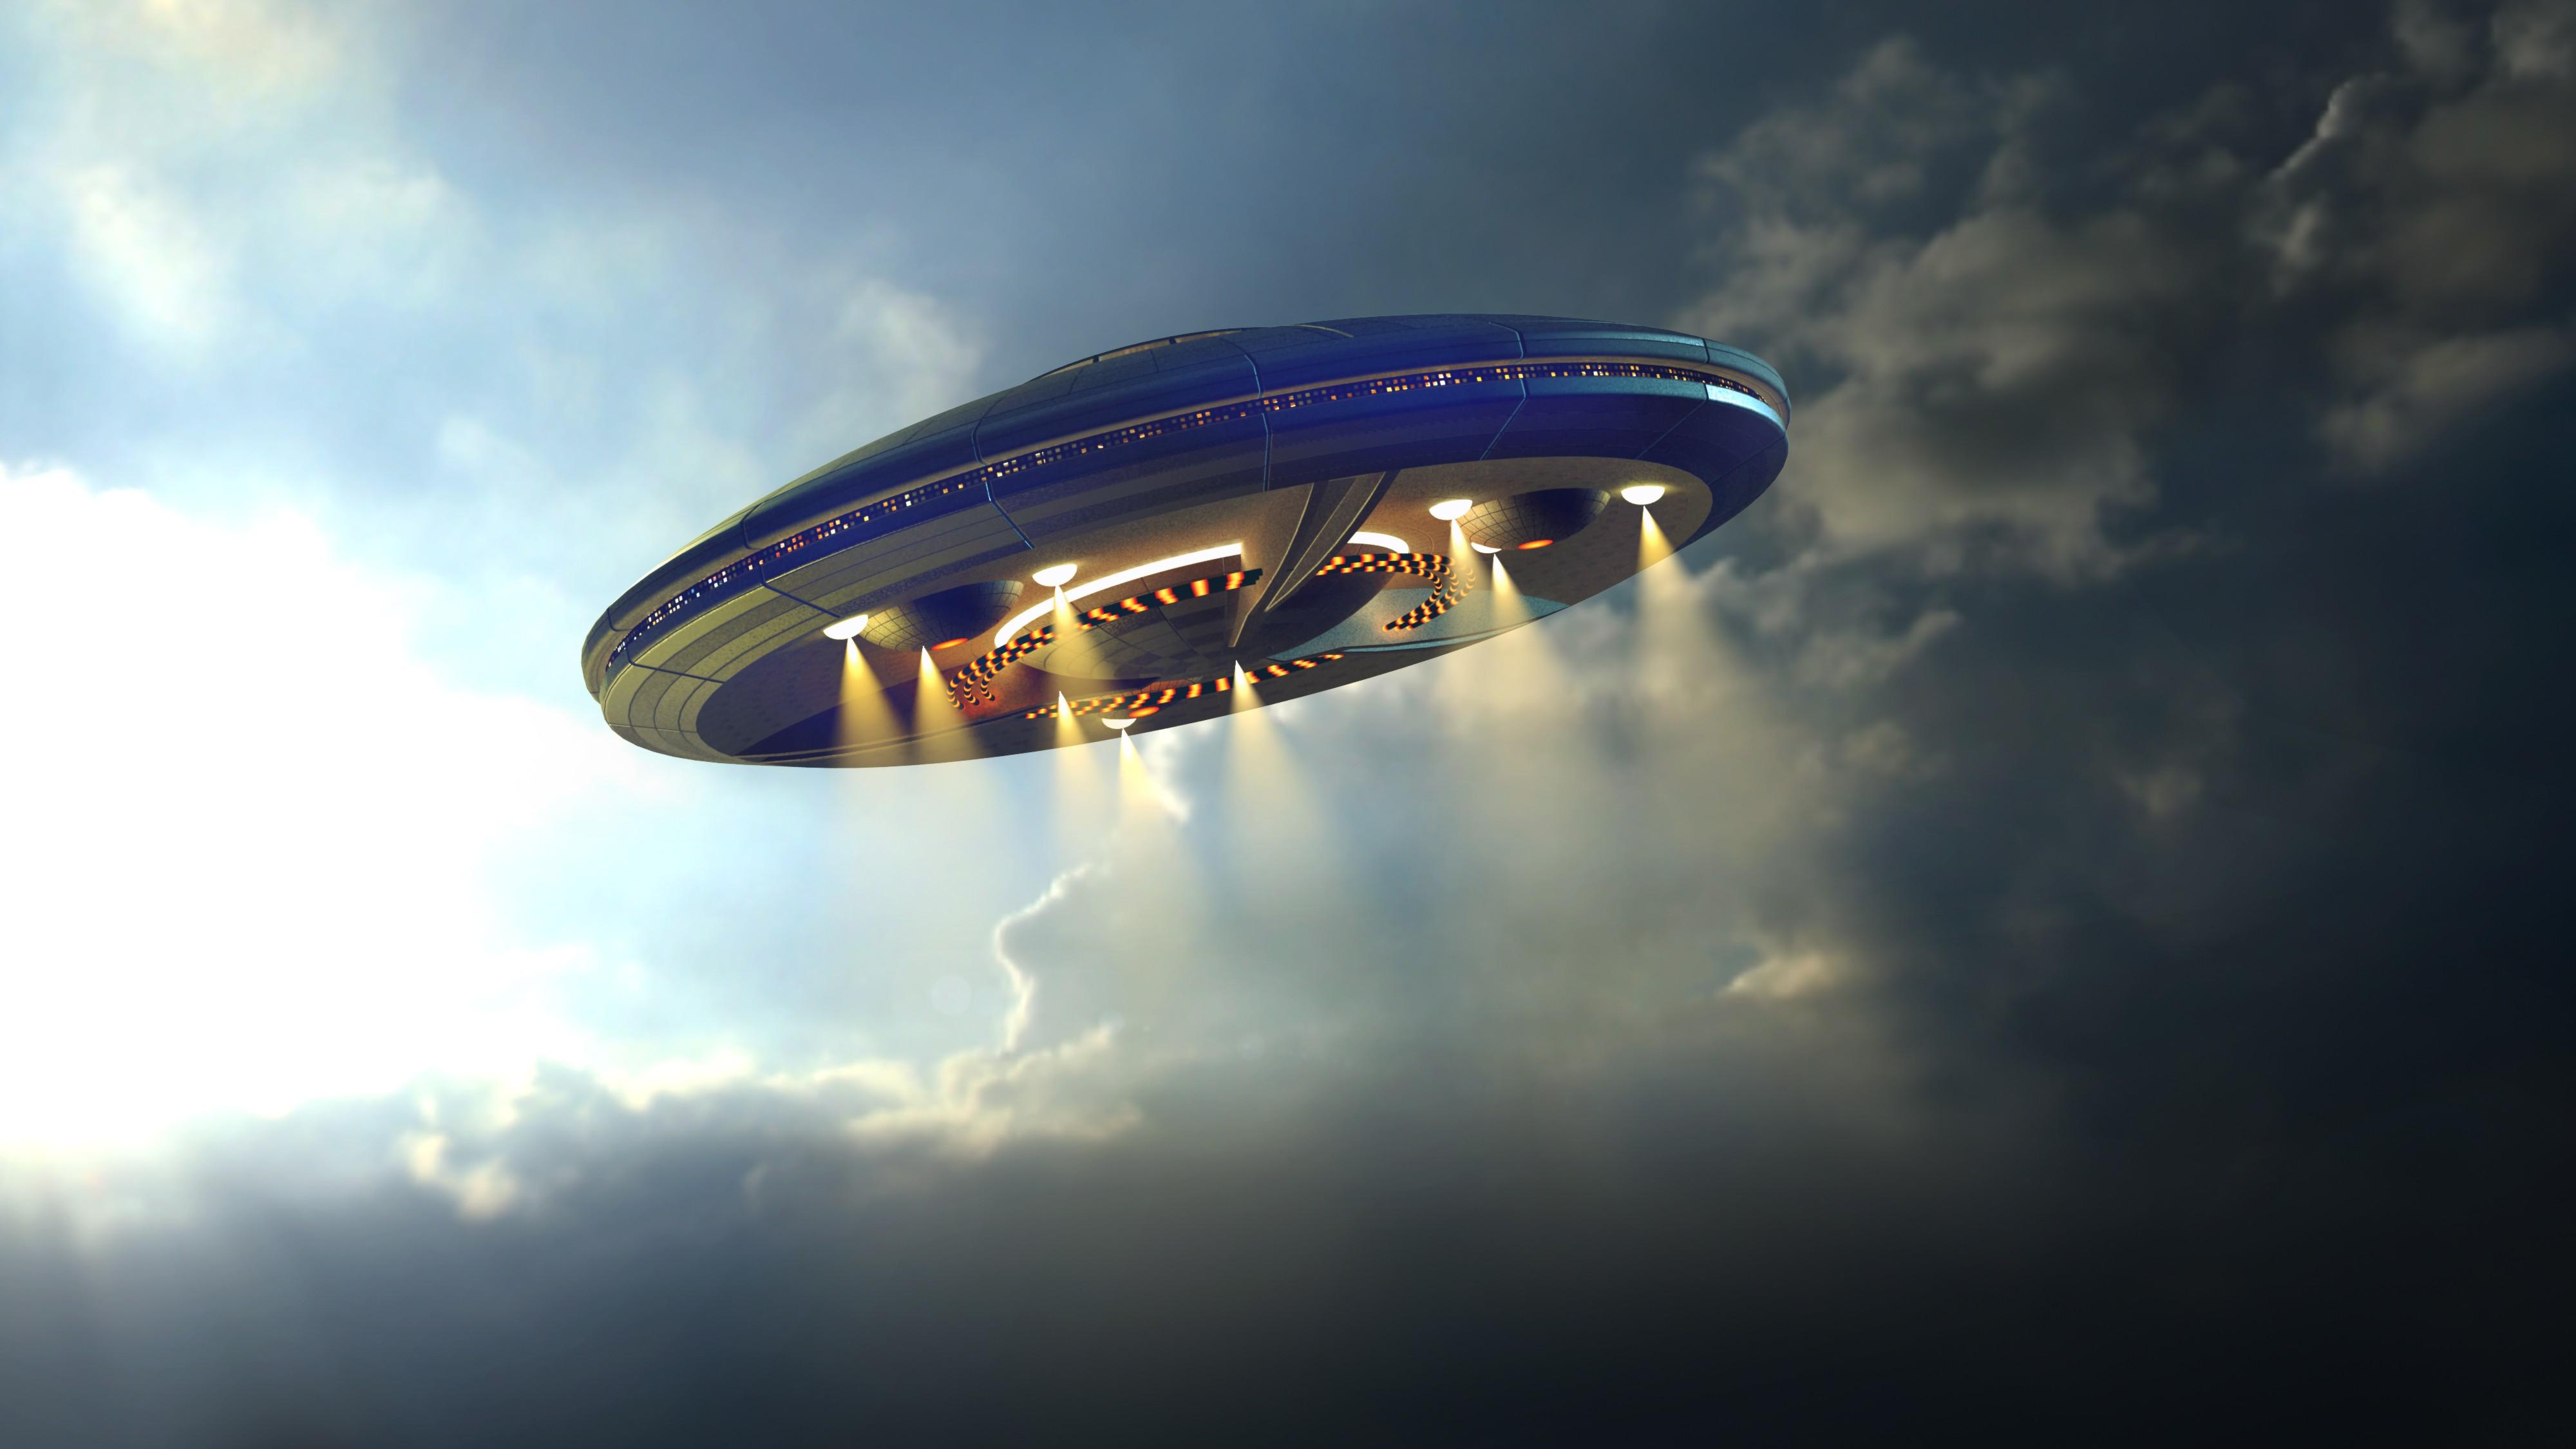 alien-ufo-spaceship-1